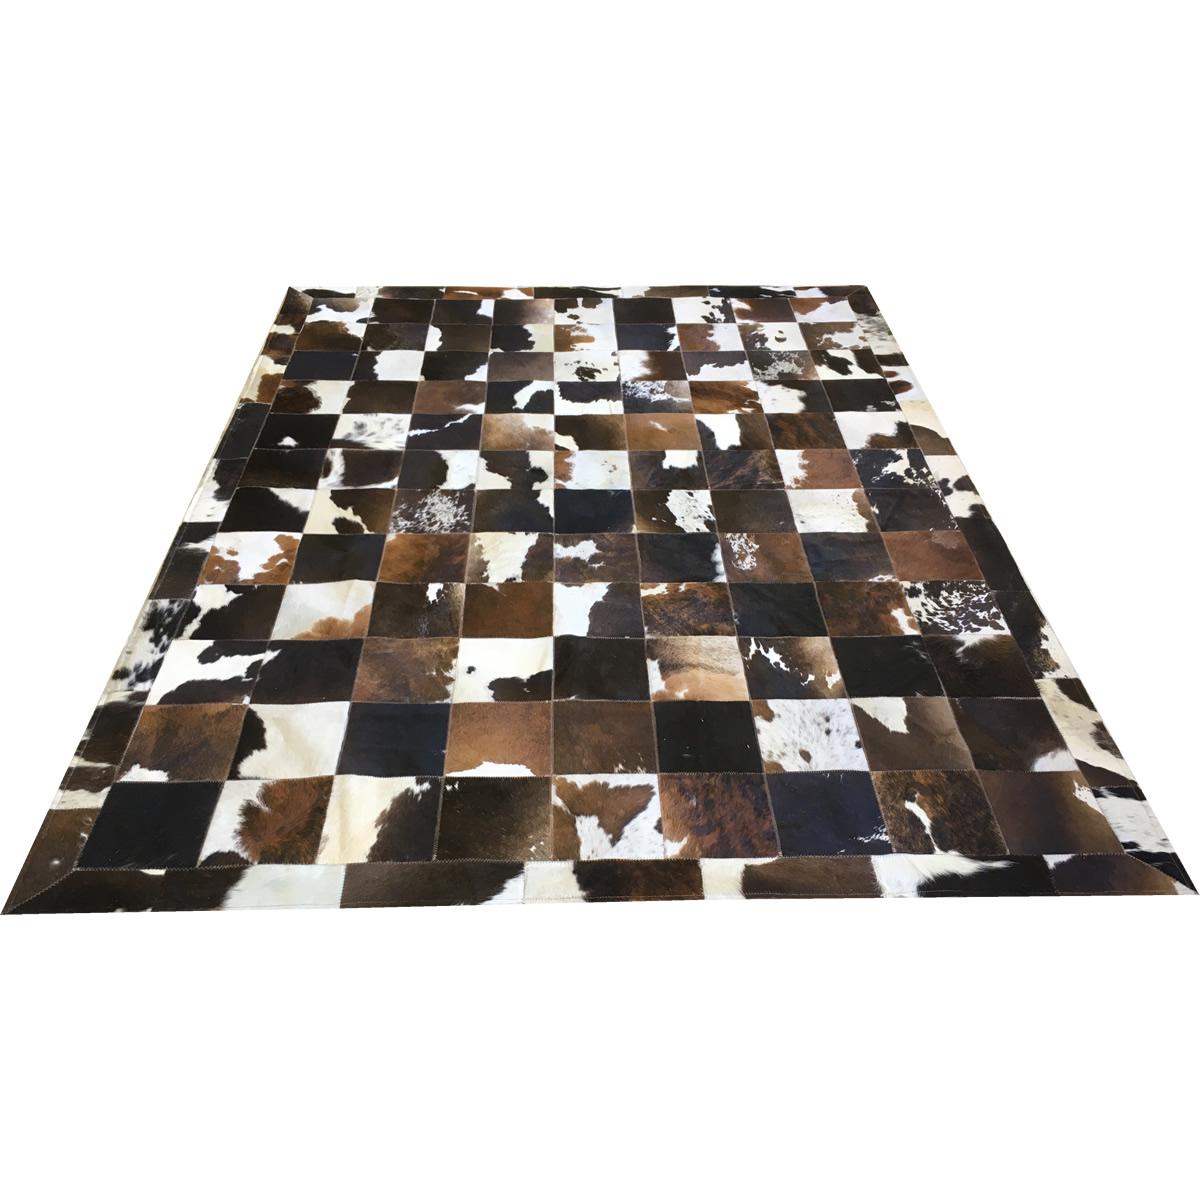 Tapete de couro marrom malhado escuro 2,00x2,60 c/b placa 20